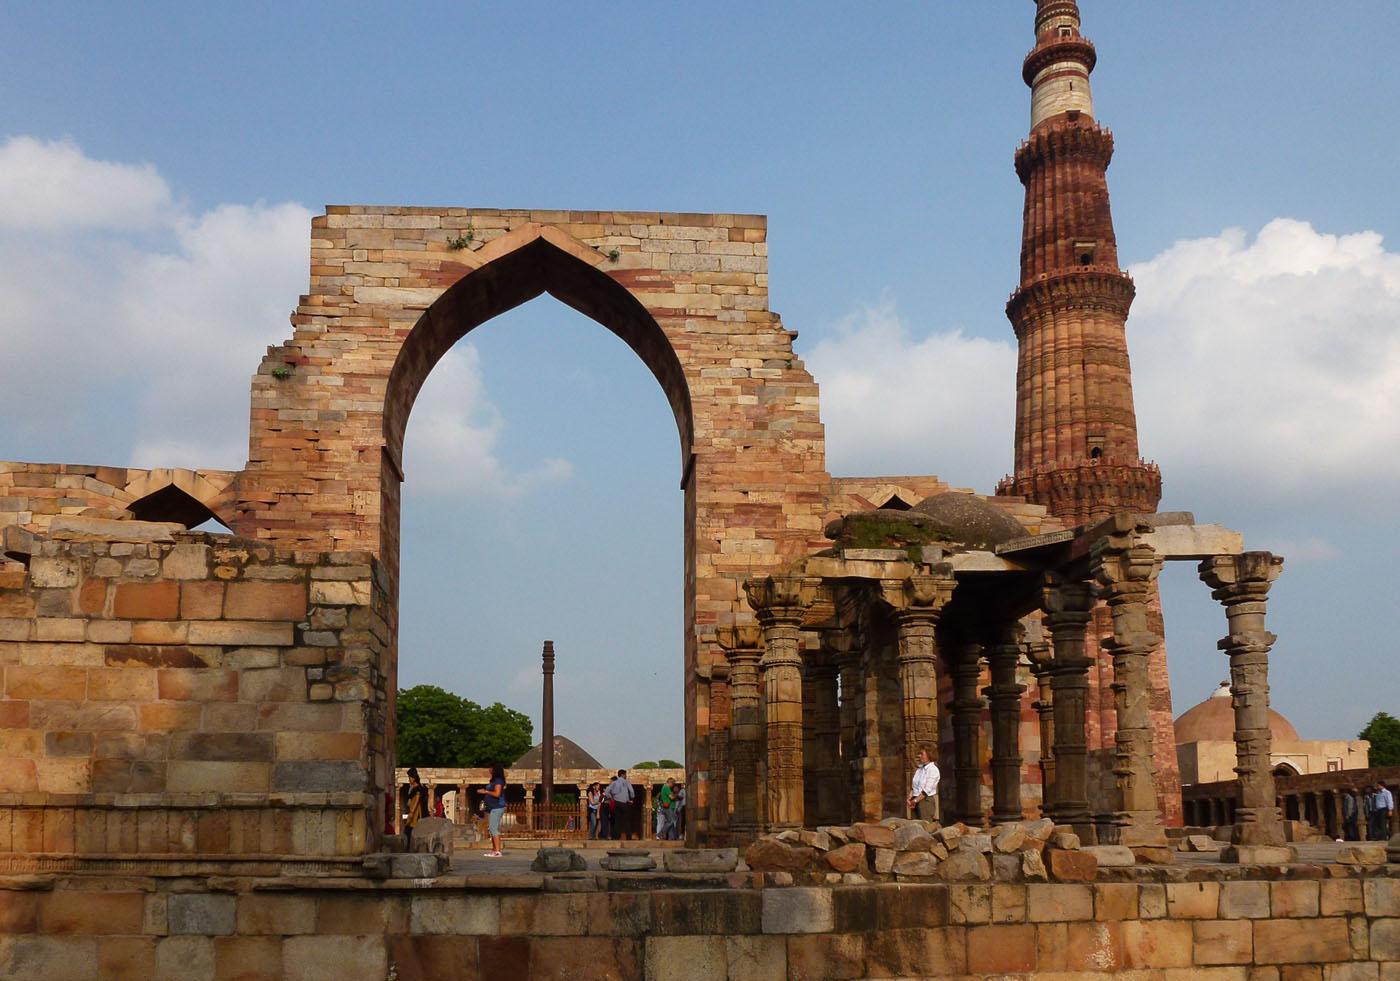 Фотография 12. Самые интересные места столицы. Мечеть Кутб-Минар в Старом Дели. Тур по Золотому треугольнику